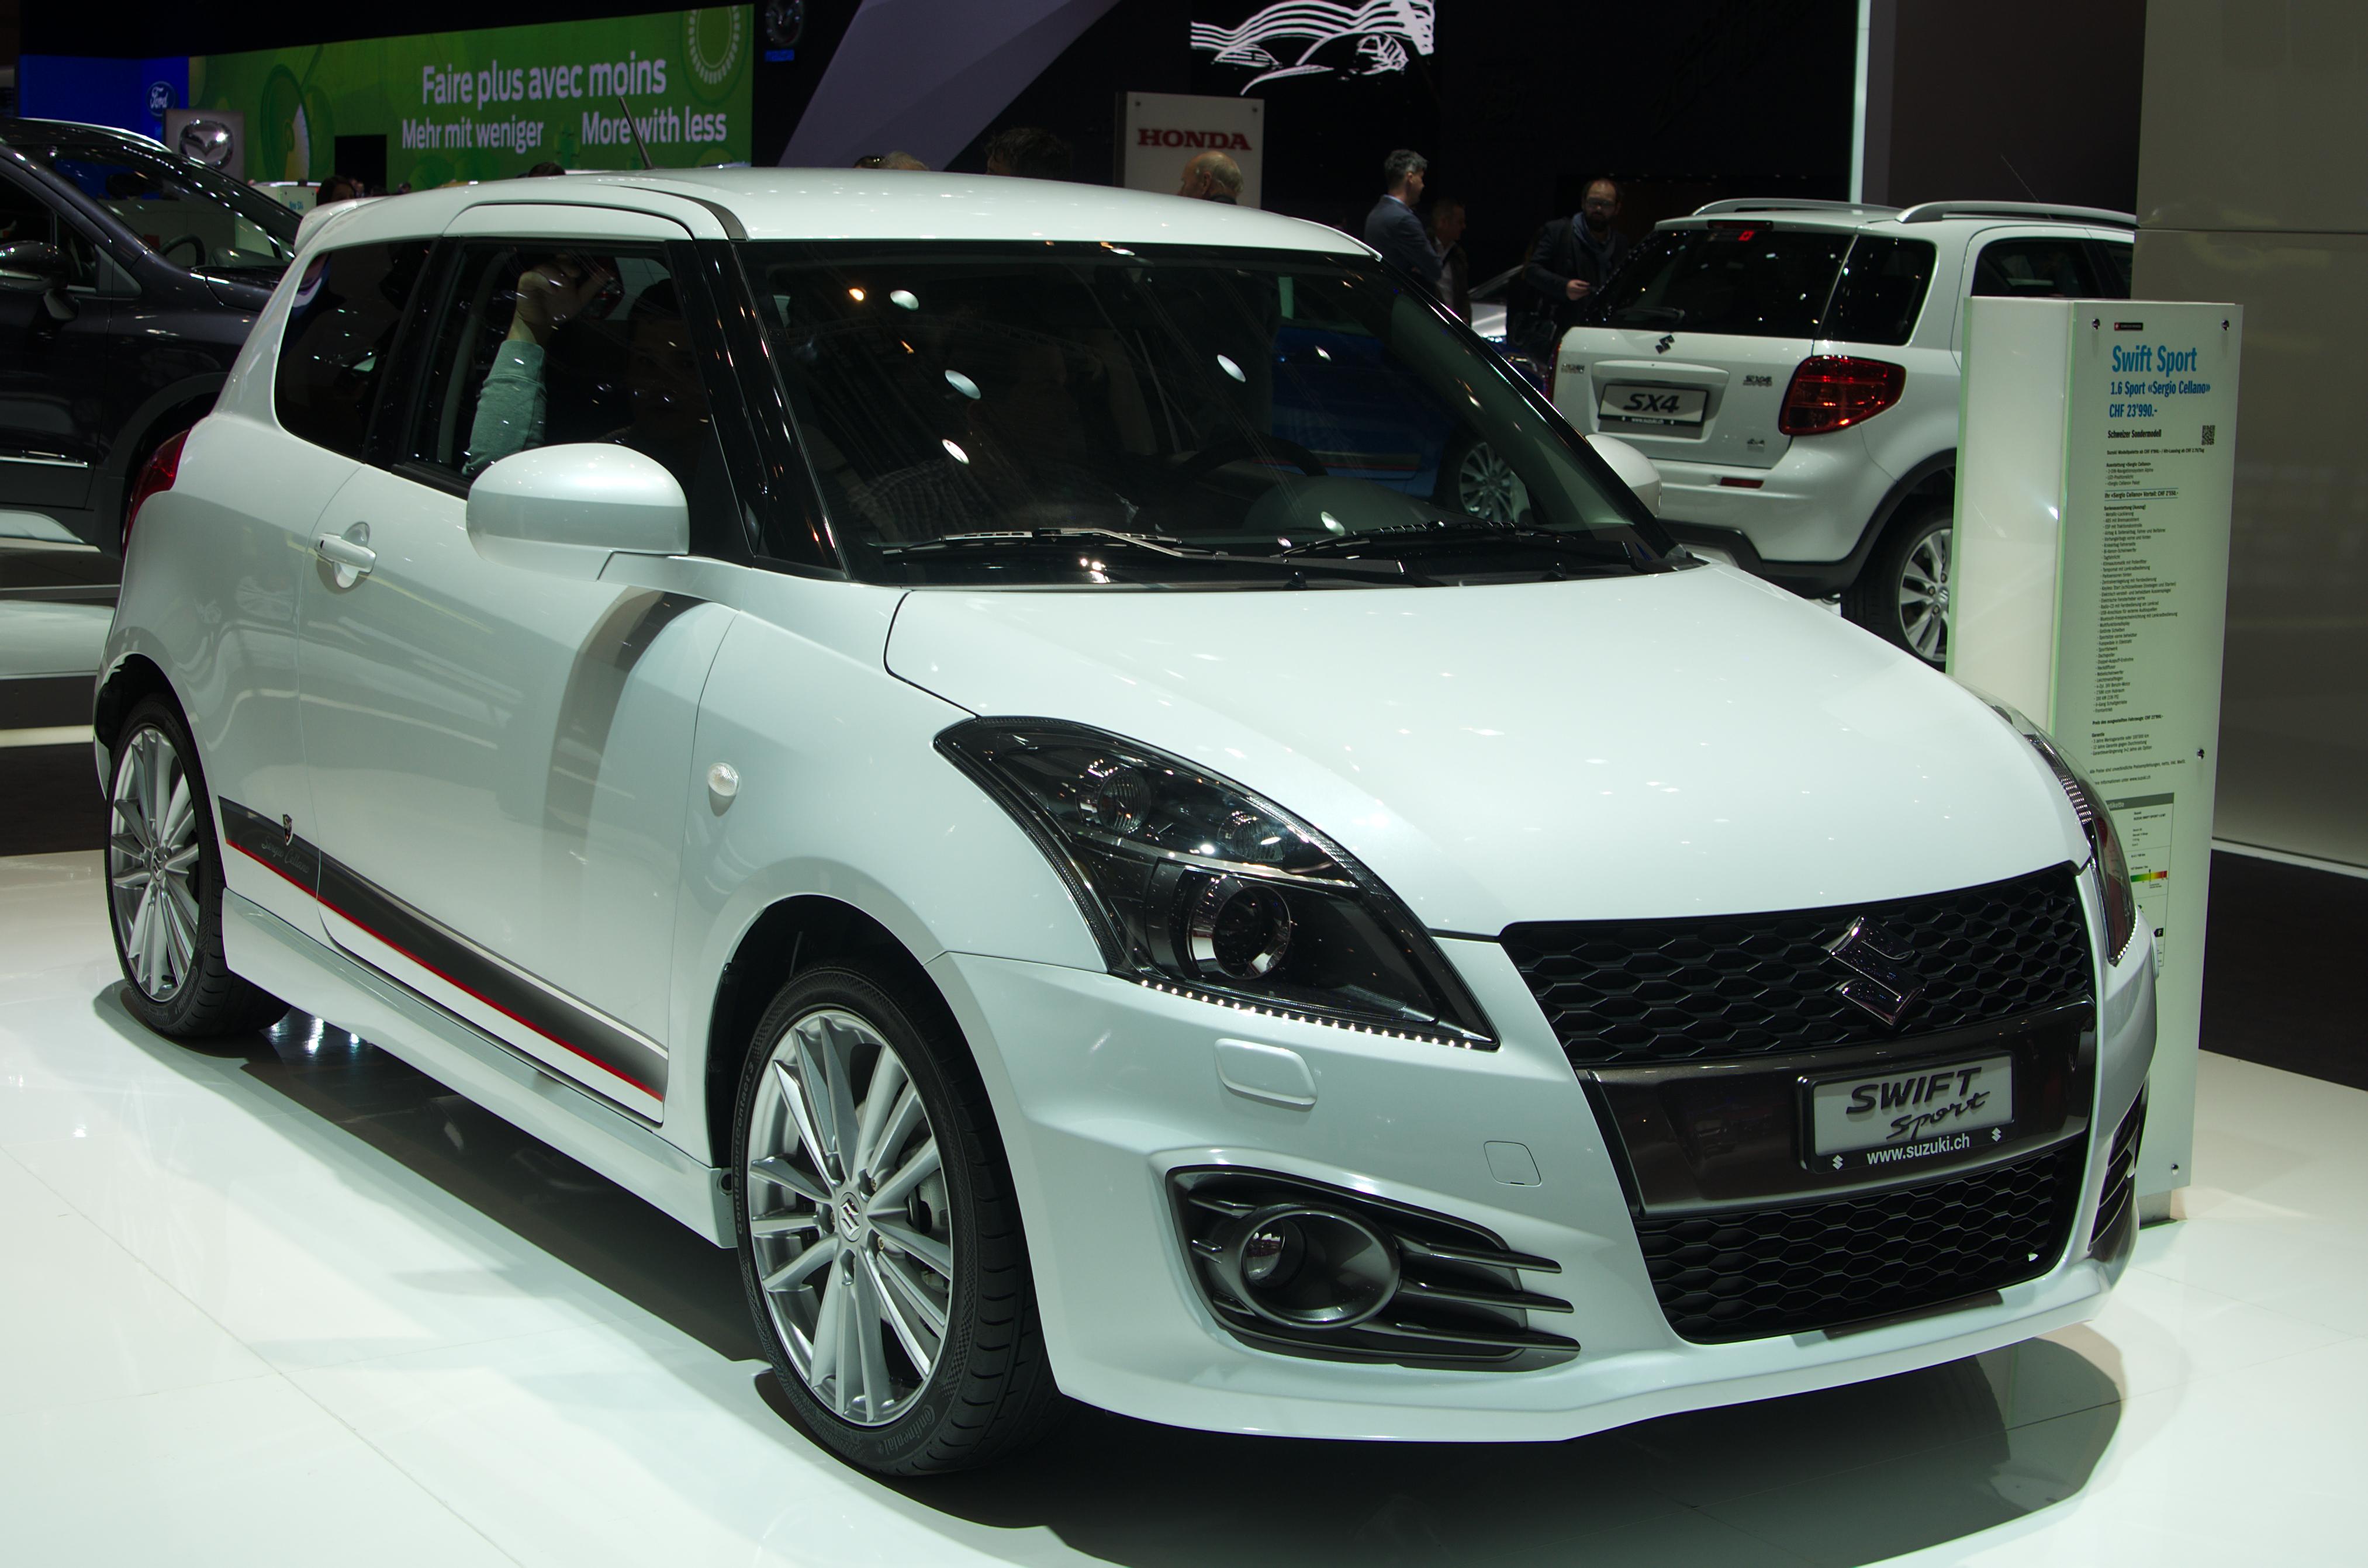 2013 Suzuki Swift